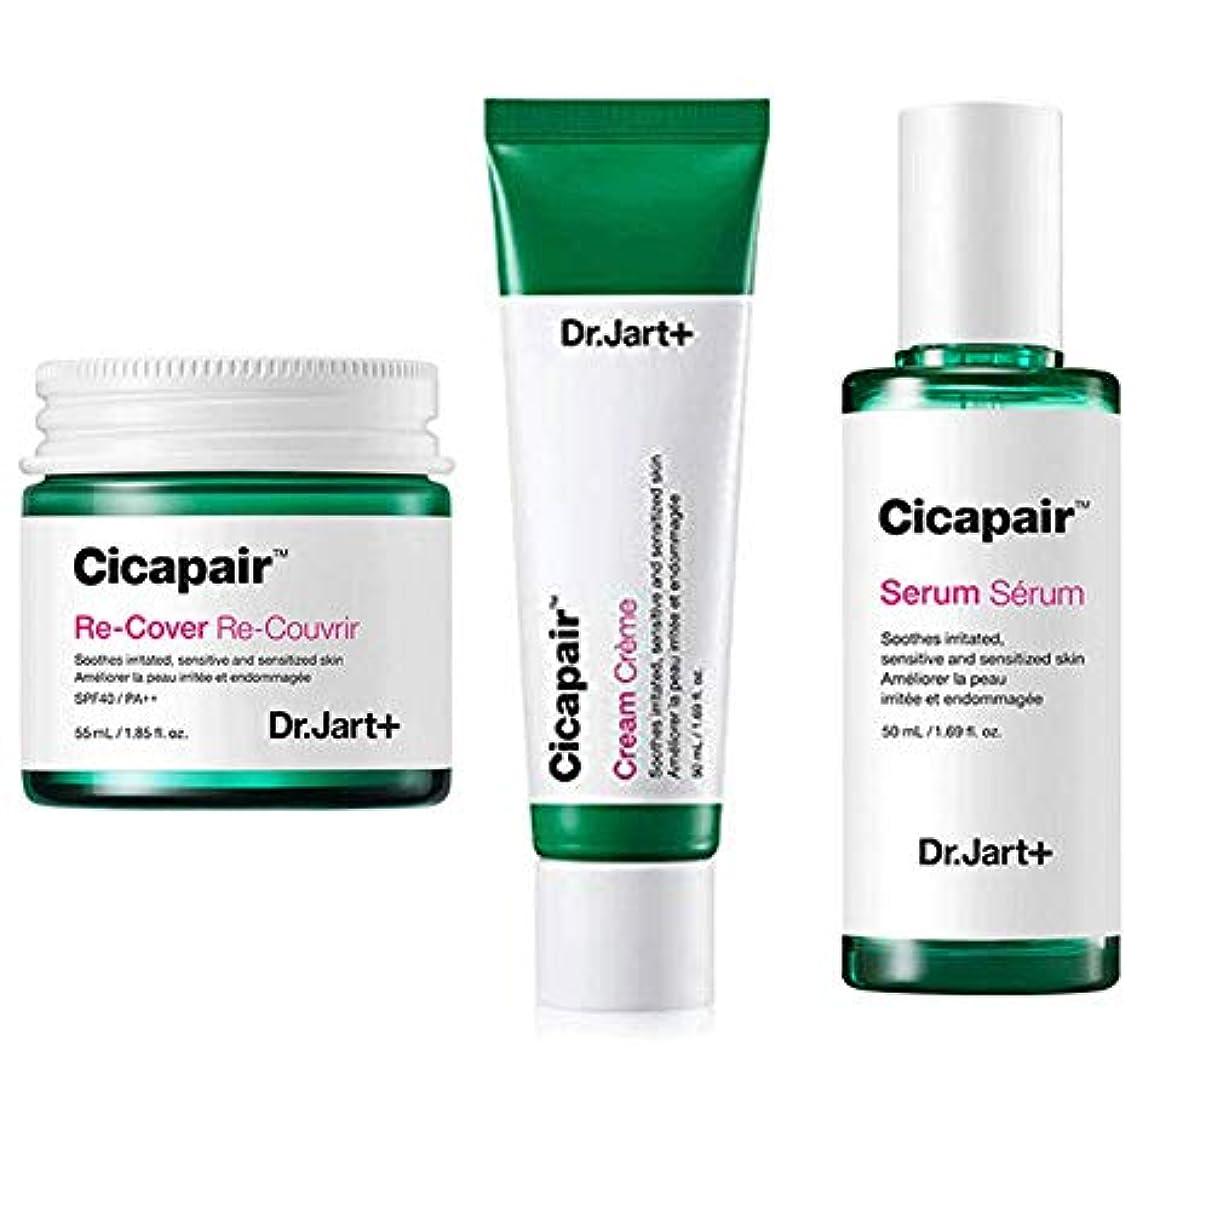 封筒パニック水Dr.Jart+ Cicapair Cream + ReCover + Serum ドクタージャルトシカペアクリーム50ml + リカバー 55ml + セラム 50ml(2代目) セット [並行輸入品]